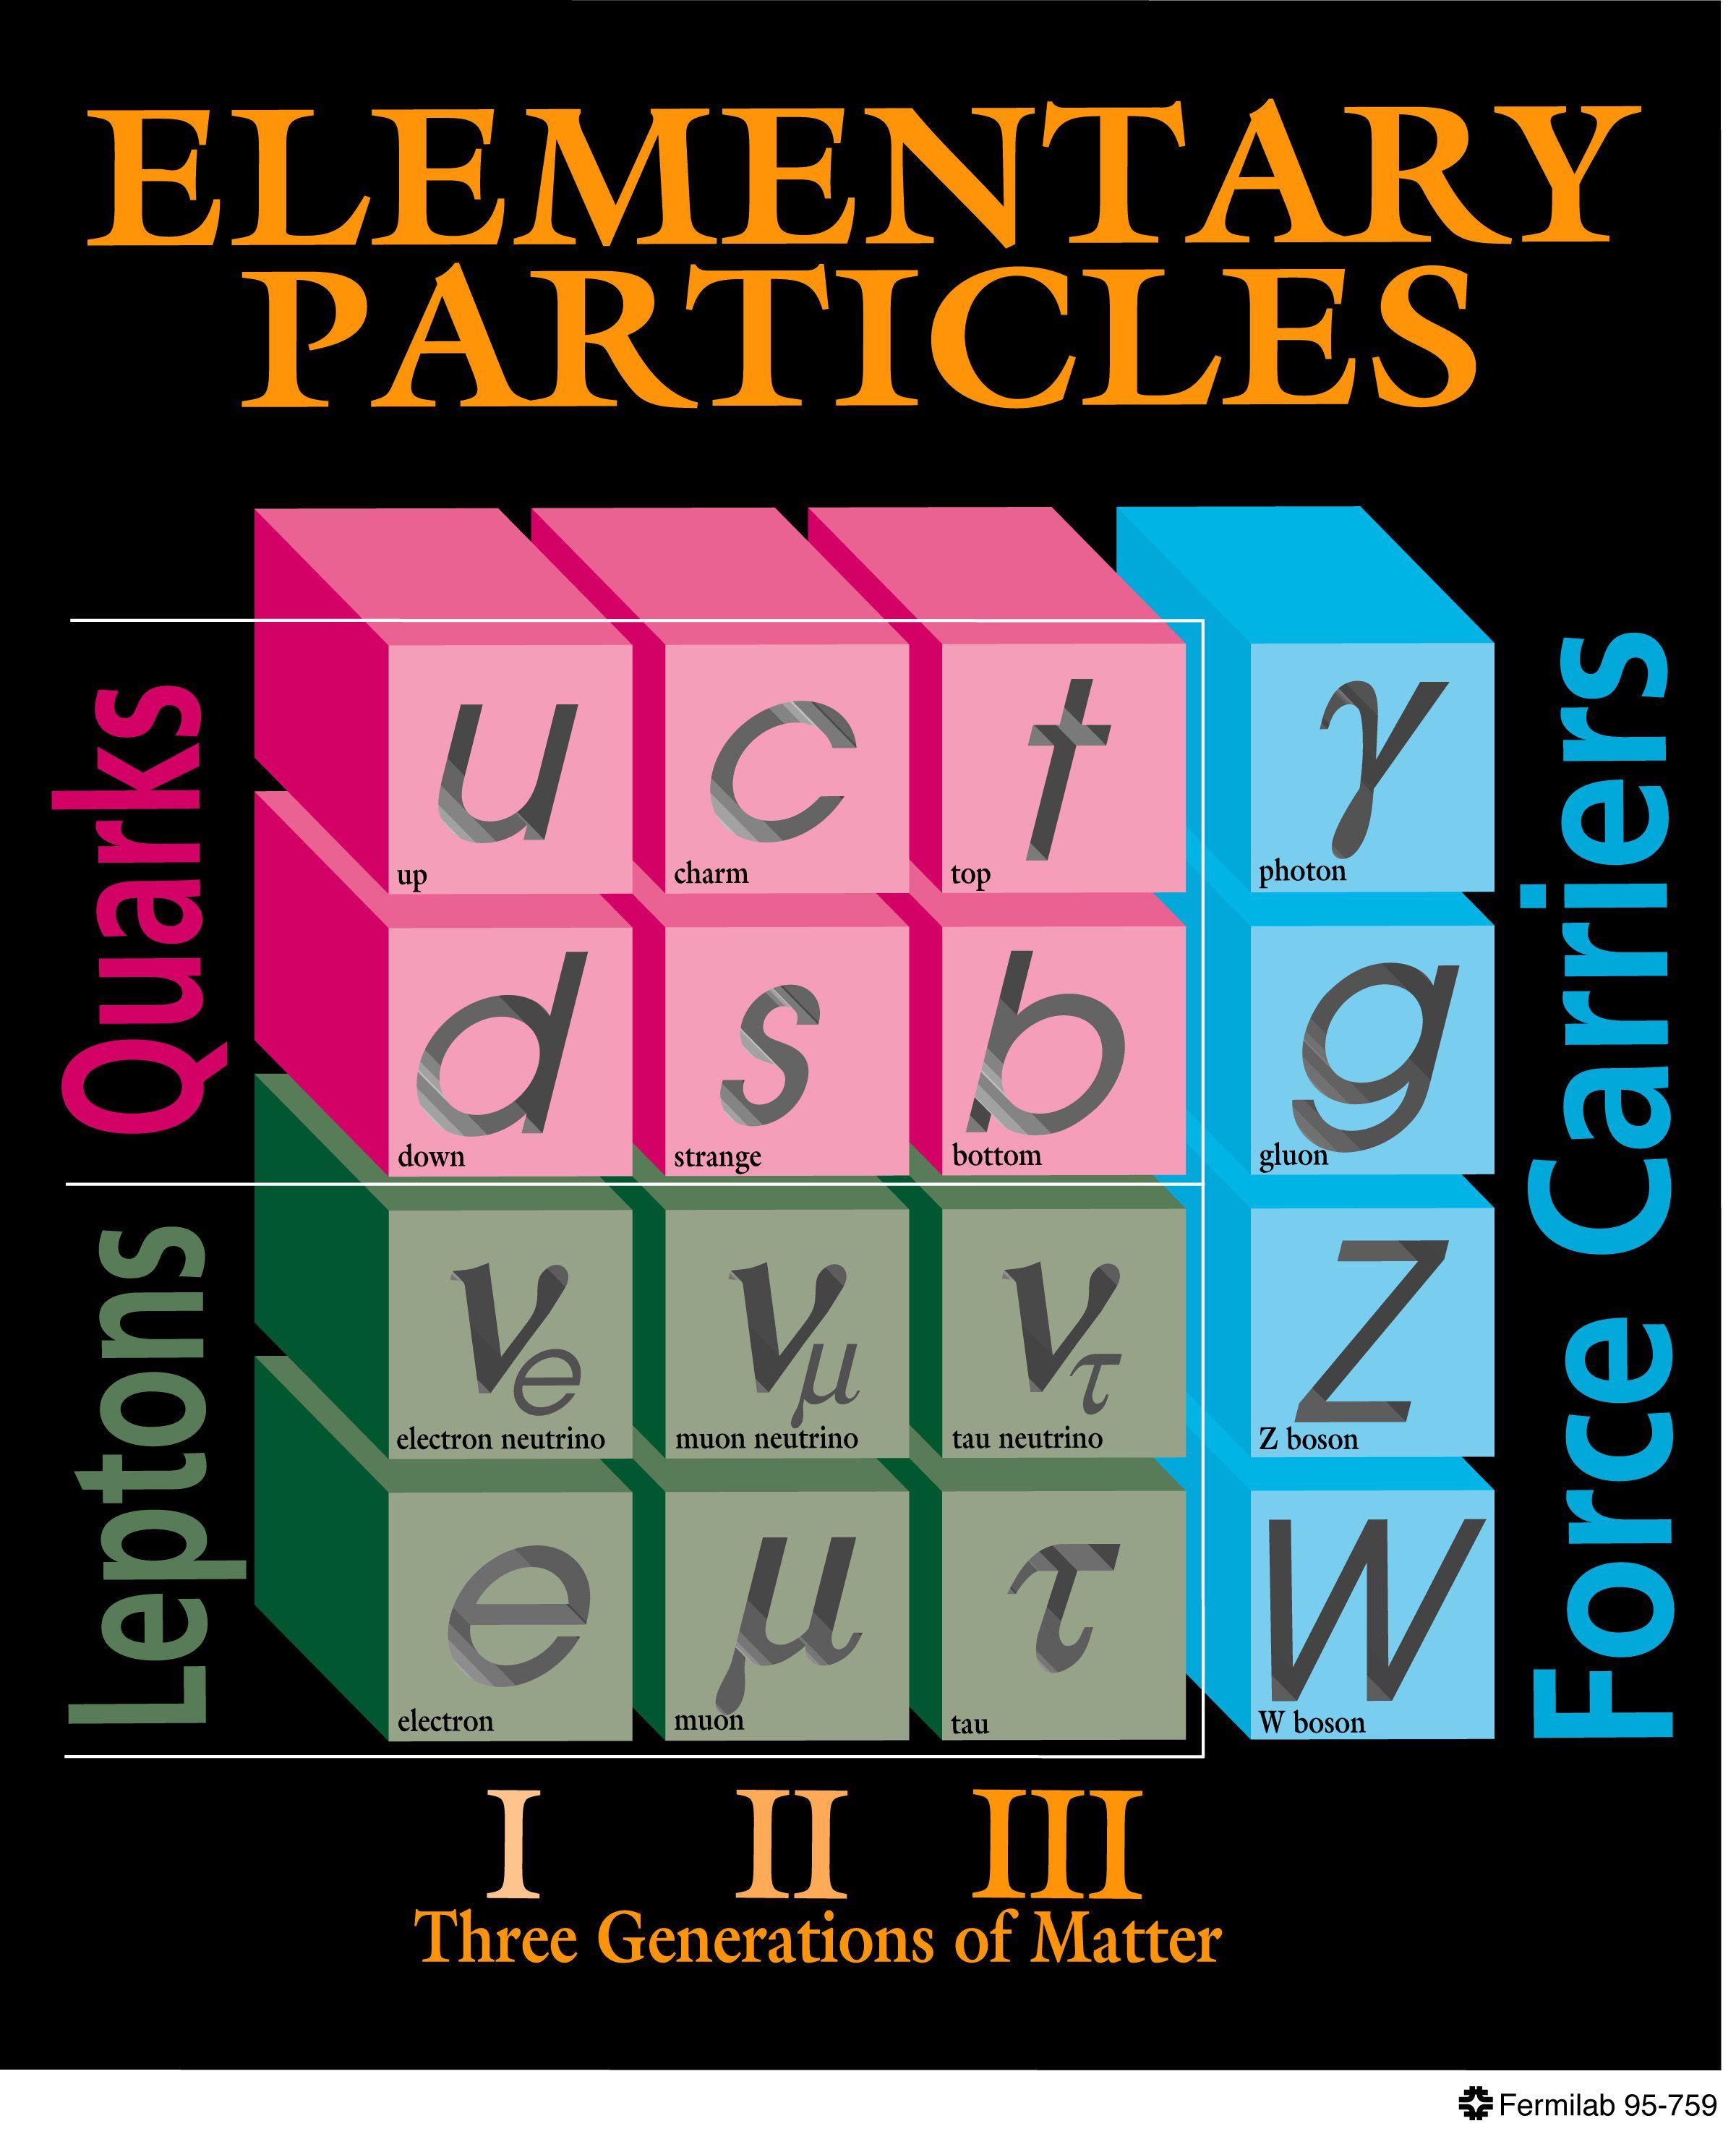 Physics: Fermion Definition